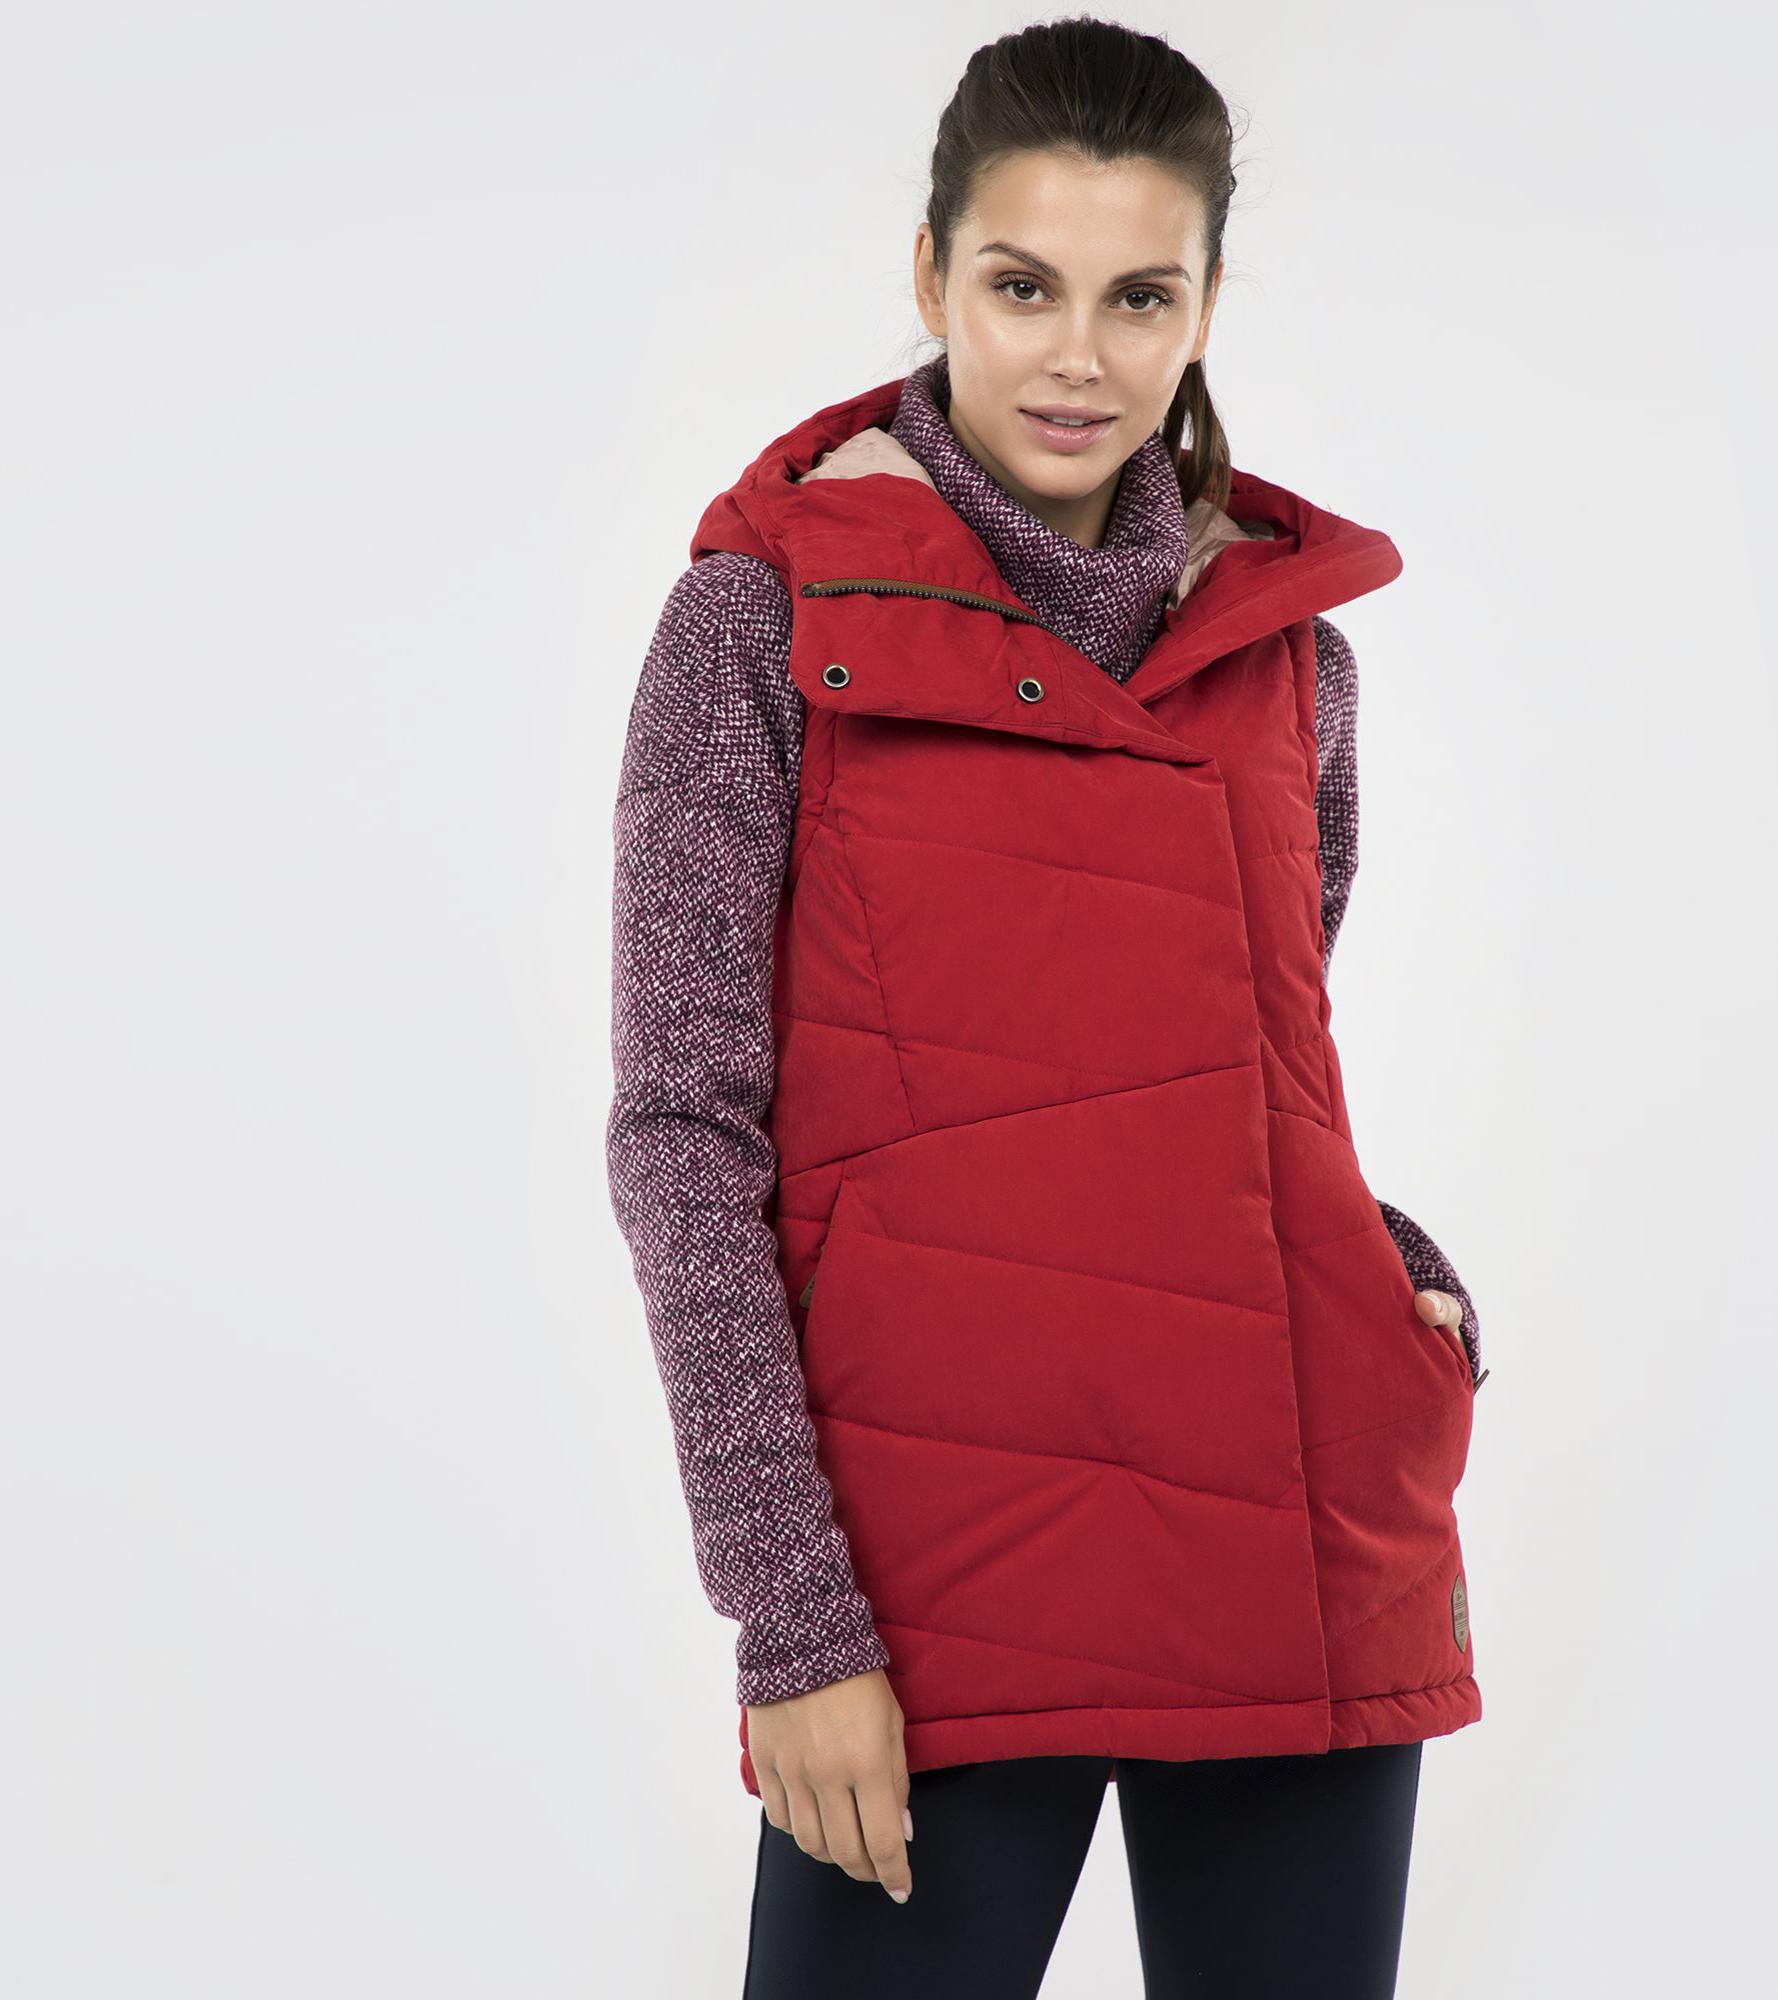 цена Merrell Жилет утепленный женский Merrell, размер 50 онлайн в 2017 году